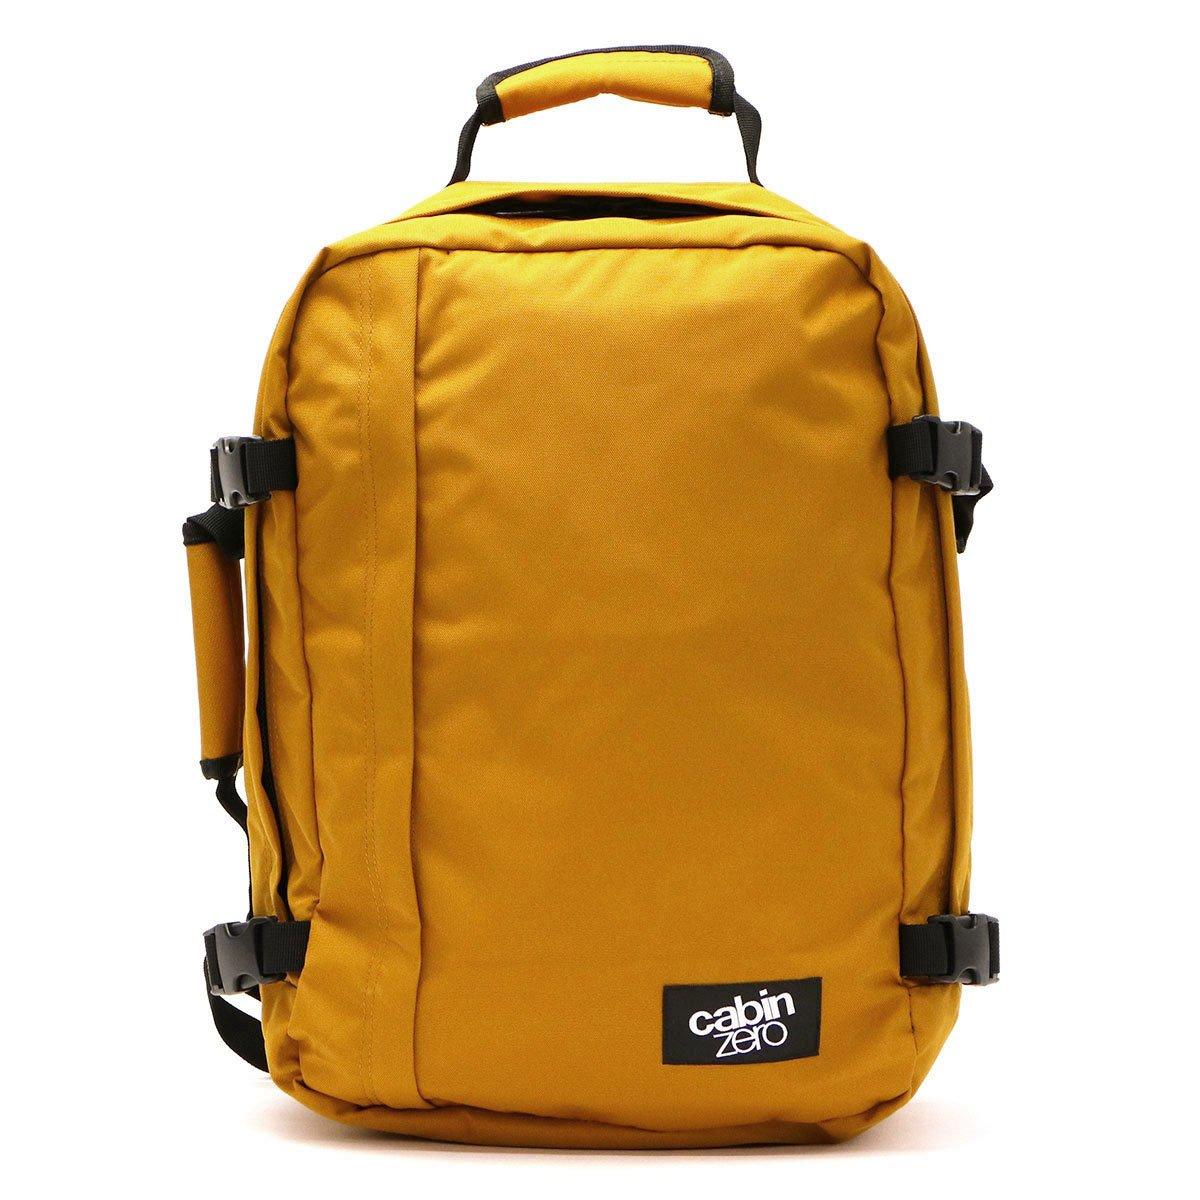 [キャビンゼロ]CABIN ZERO バックパック MIDDLE STYLE 36L B01MRTY1Q4 OrangeChill(CZ171309) OrangeChill(CZ171309)